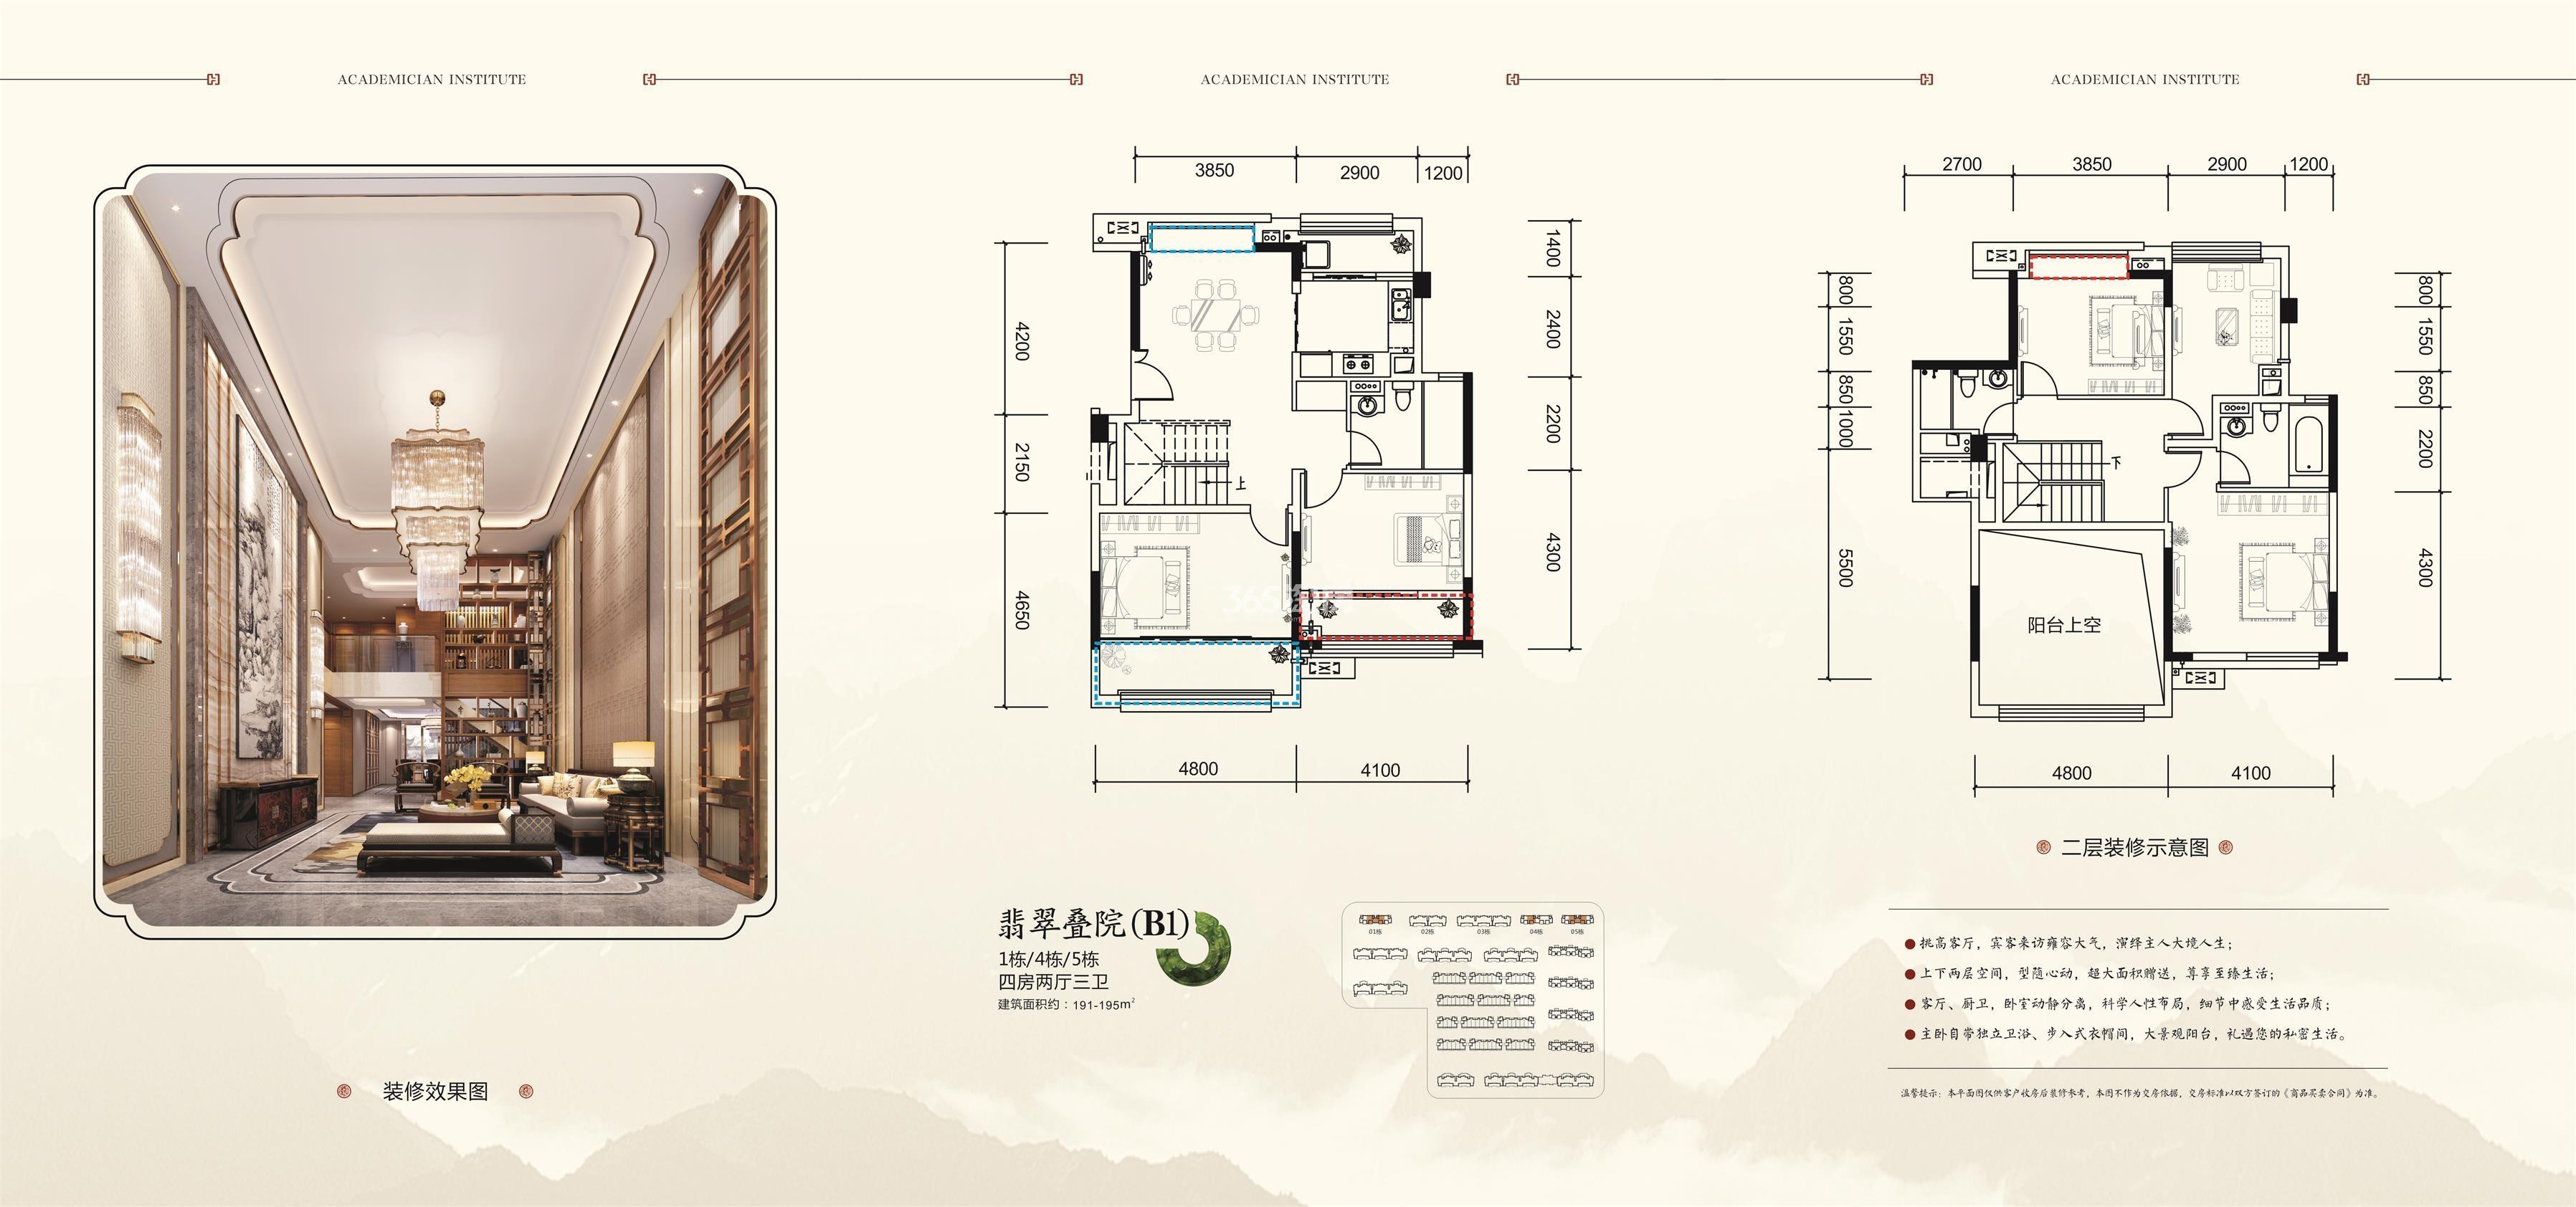 珠江翰林雅院 翡翠叠院b1户型